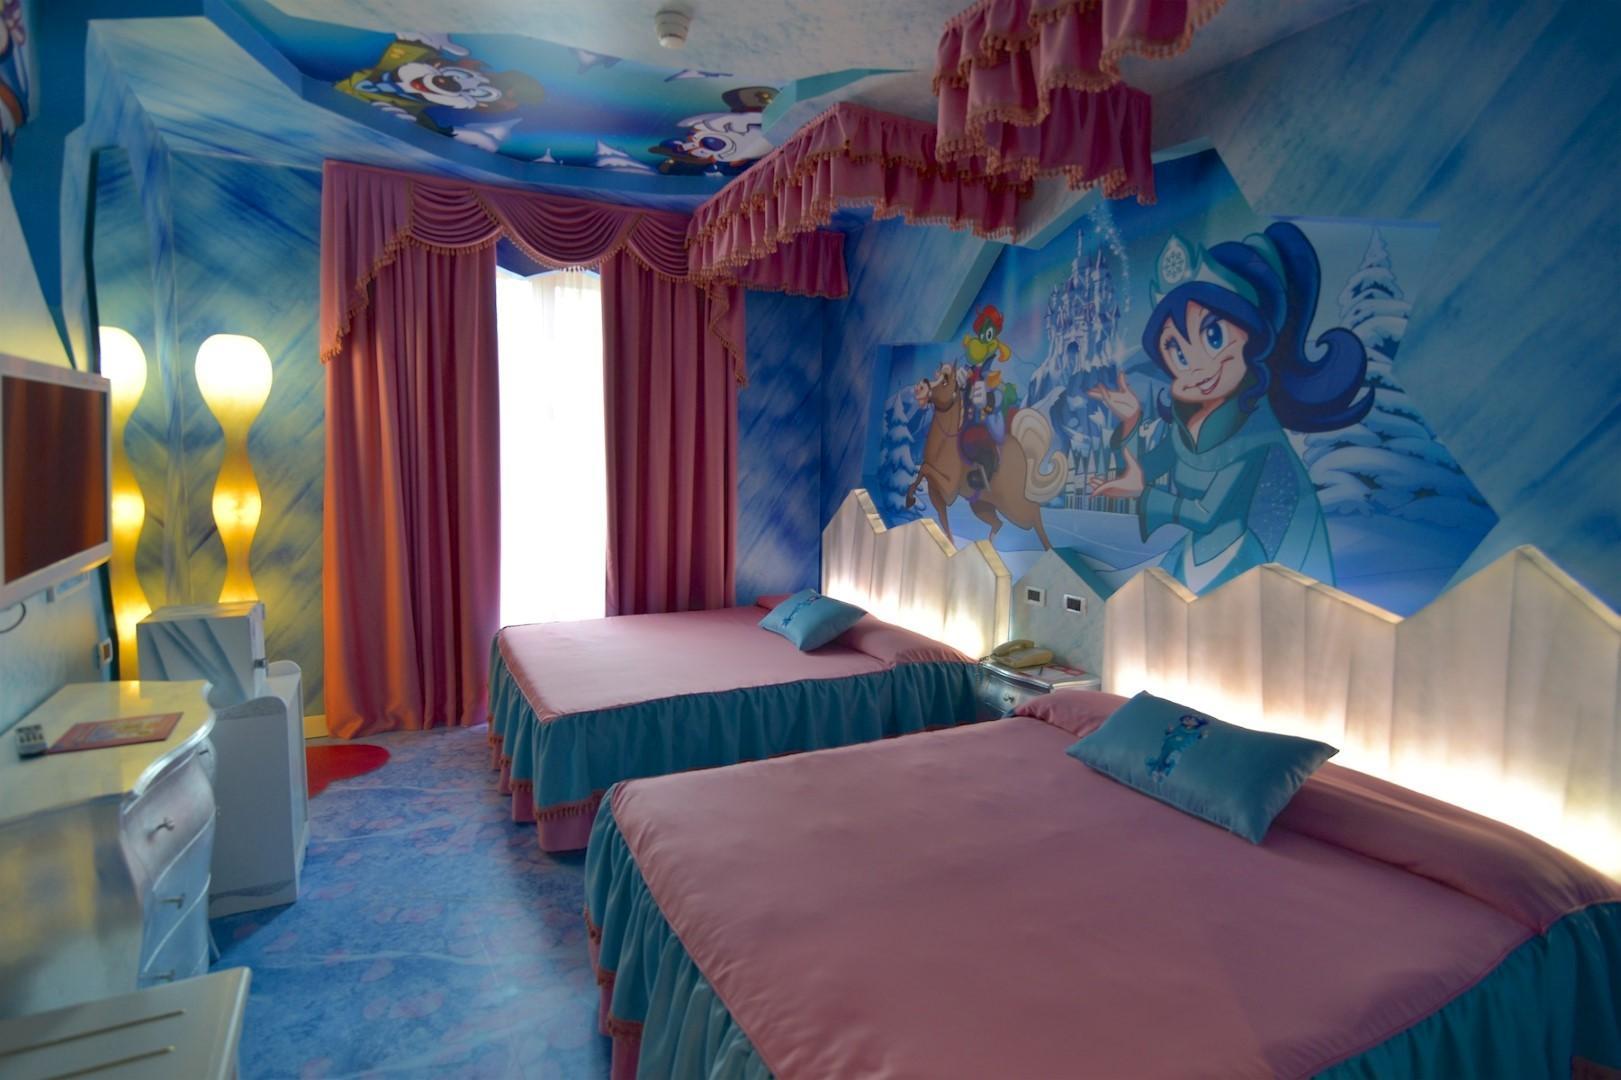 Camere A Tema Disney : Alberghi da sogno per dormire in una favola tgcom24